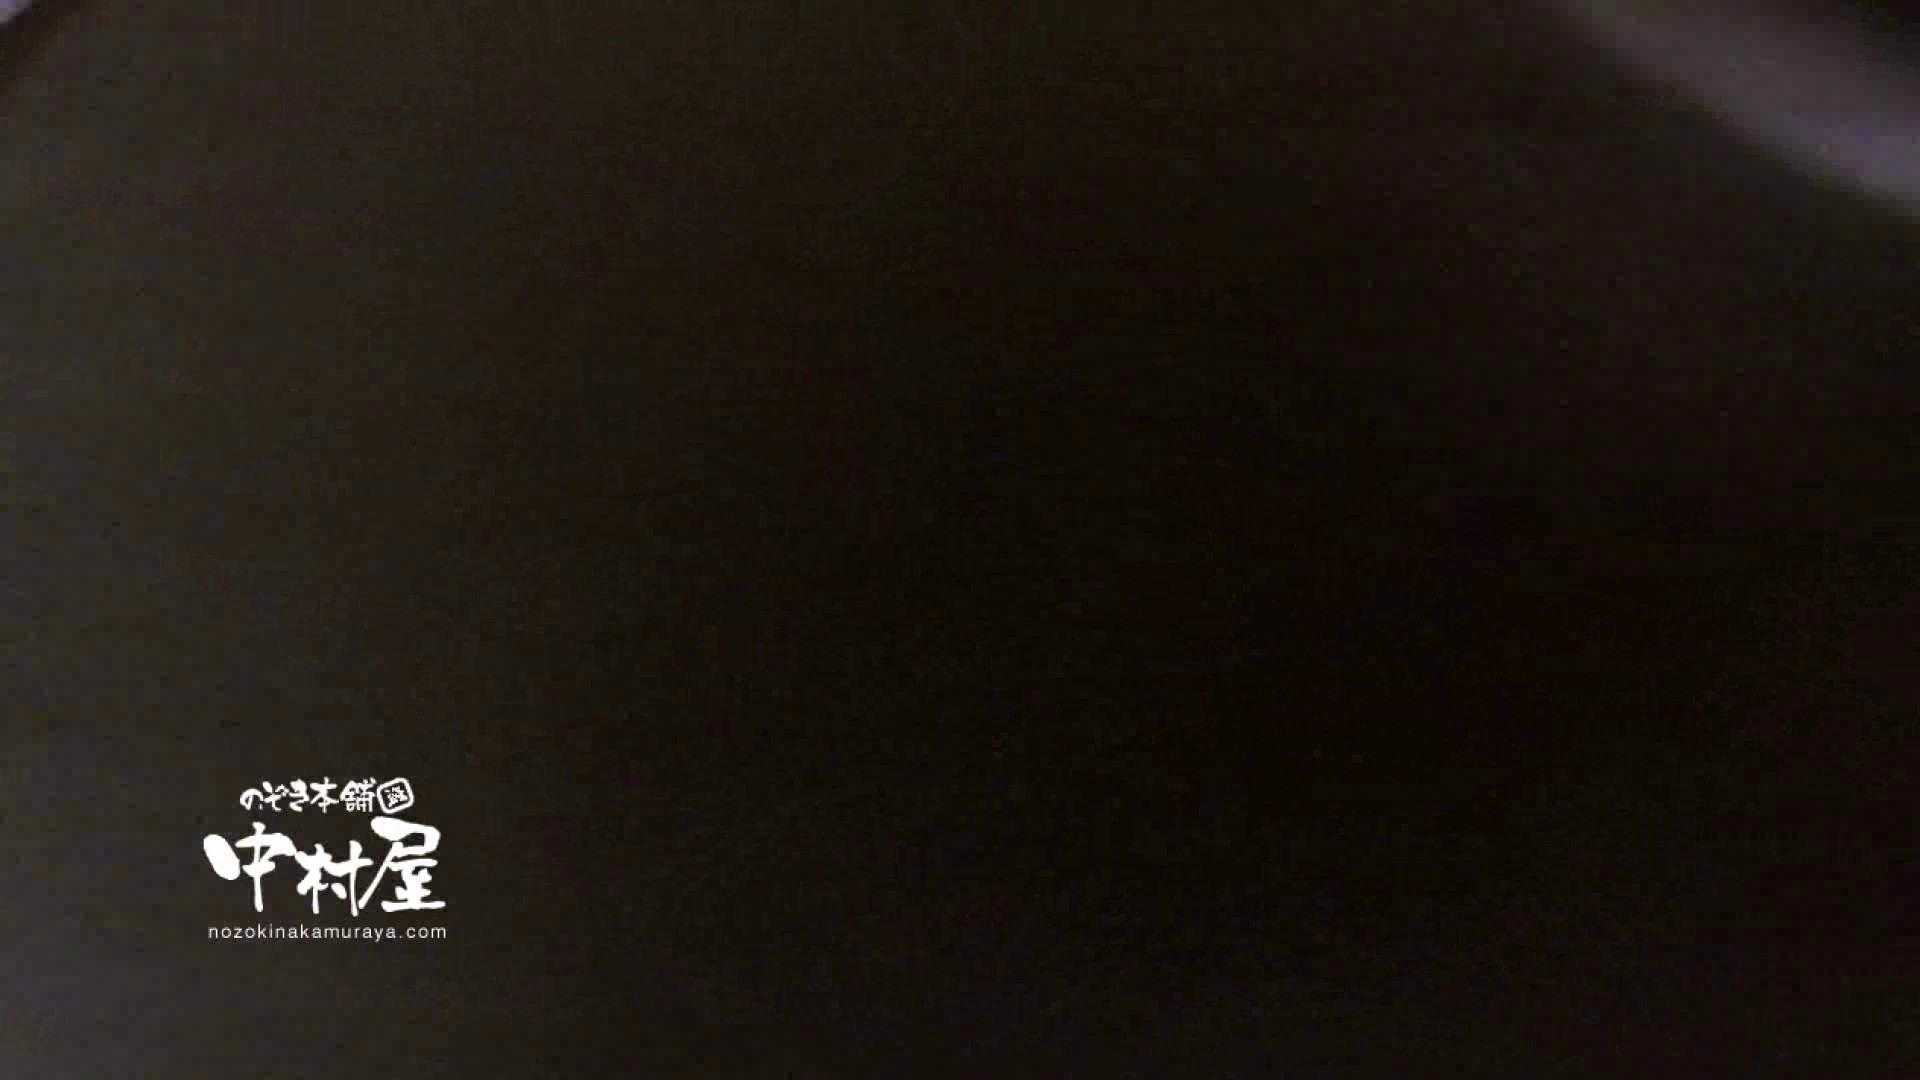 鬼畜 vol.10 あぁ無情…中出しパイパン! 前編 中出し | 鬼畜  106pic 53